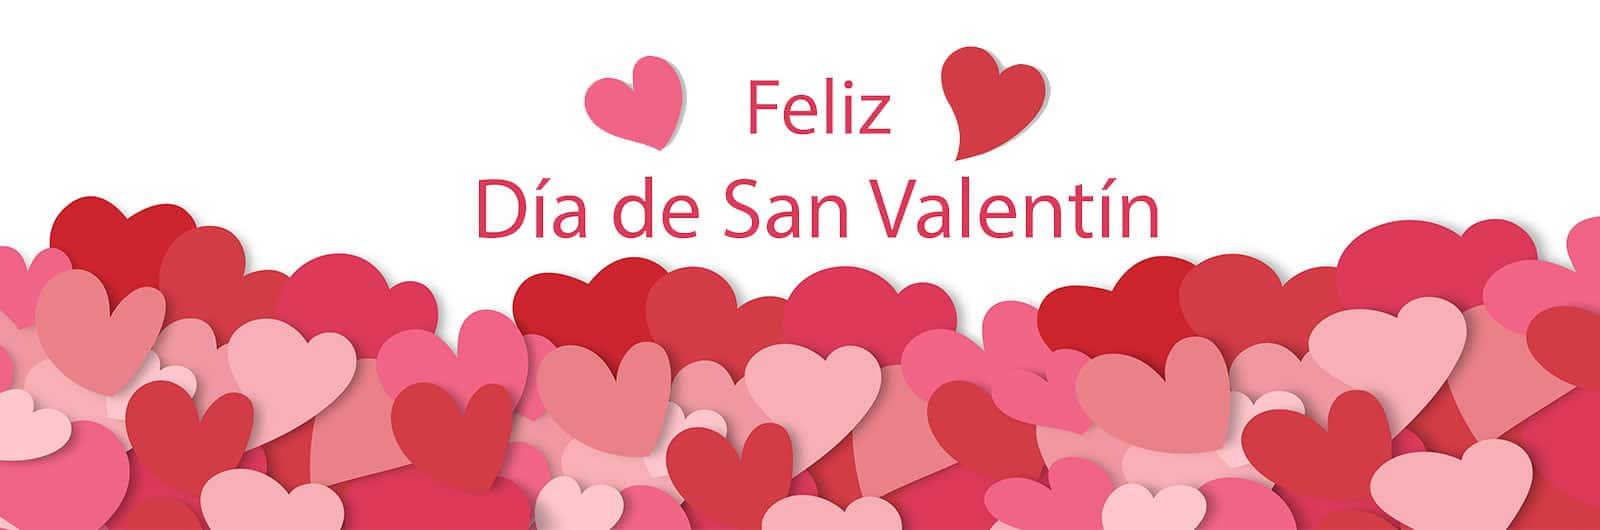 90956f64c Regalos San Valentin para hombres y mujeres más guía para ligar | ❤❤